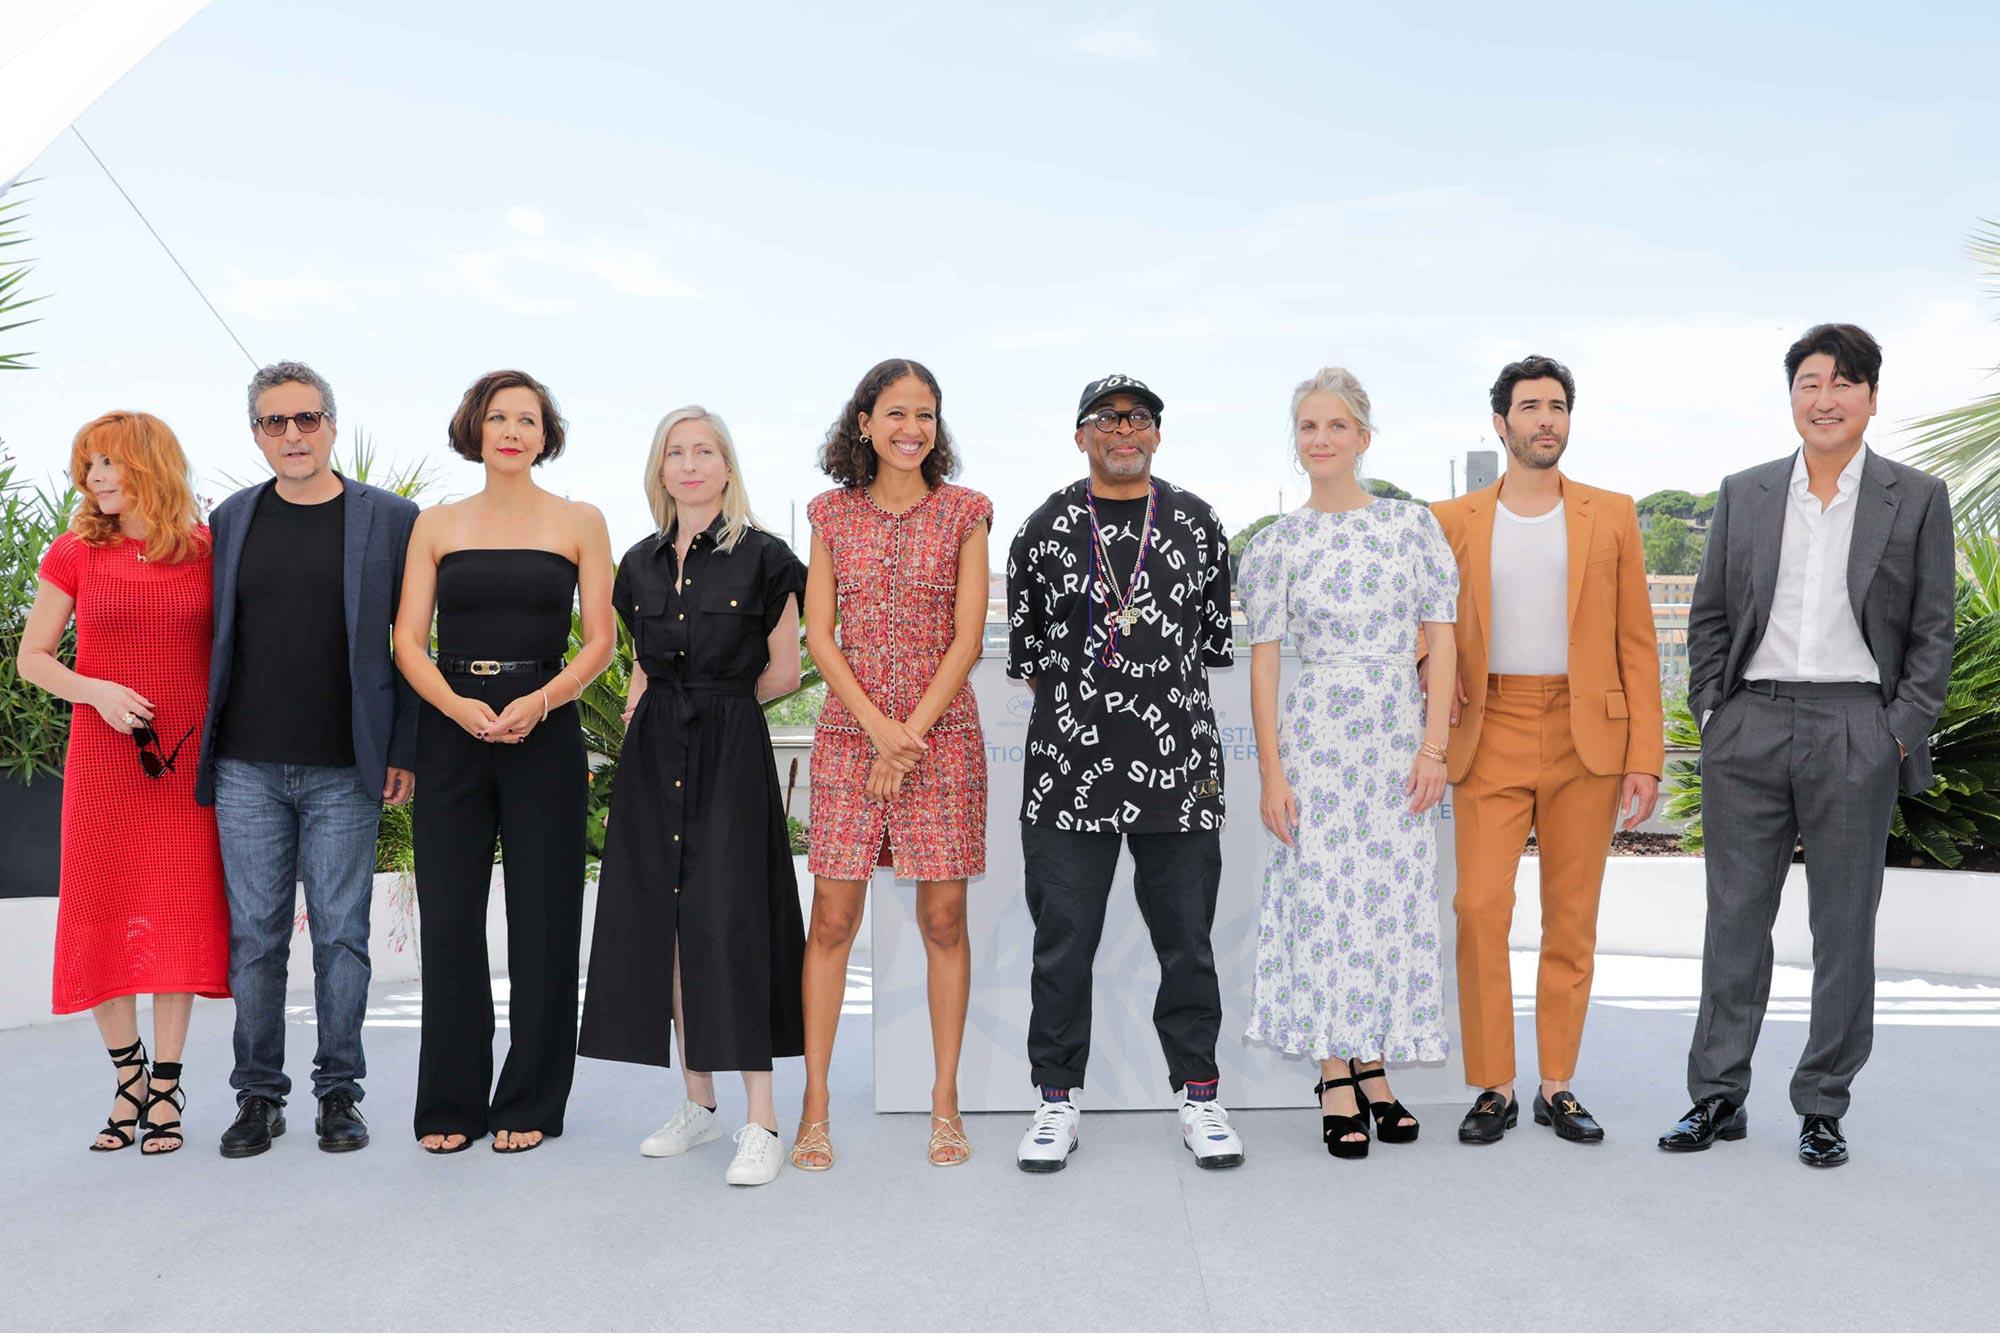 Cannes 2021 Red Carpet - Mylene Farmer, Kleber Mendonça Filho, Maggie Gyllenhaal, Jessica Hausner, Mati Diop, jury president Spike Lee, Melanie Laurent, Tahar Rahim and Song Kang-ho